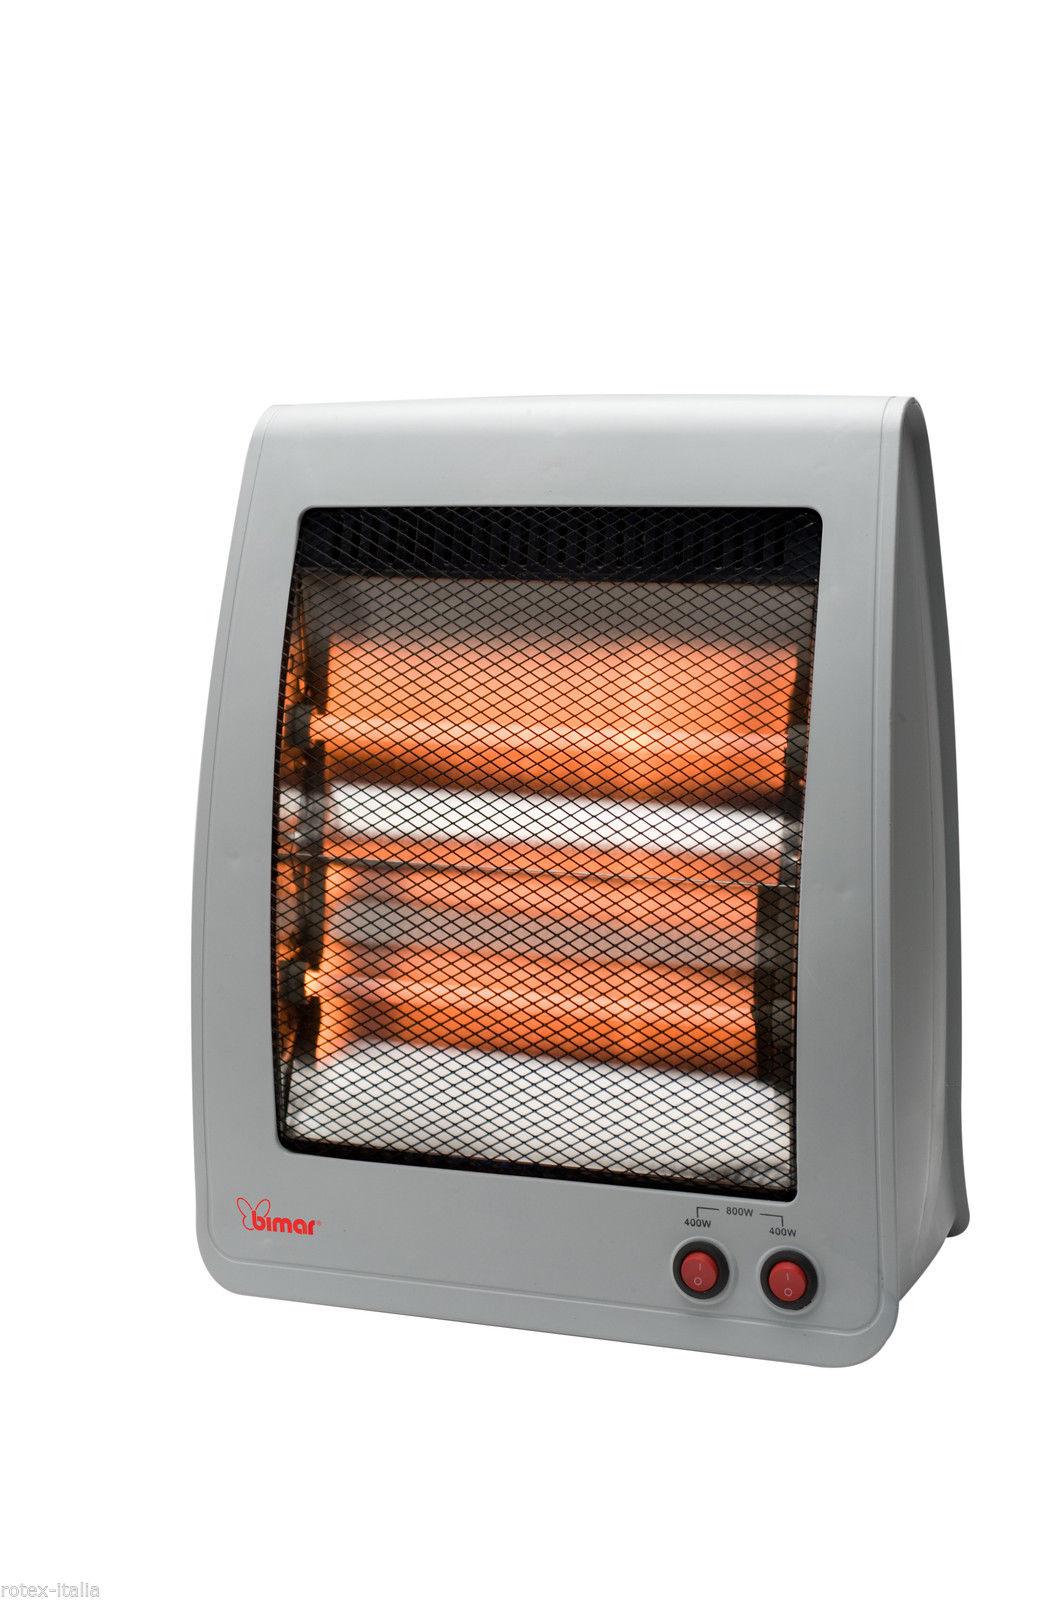 Stufa elettrica a infrarossi bimar stufetta resistenza al for Stufa catalitica o infrarossi